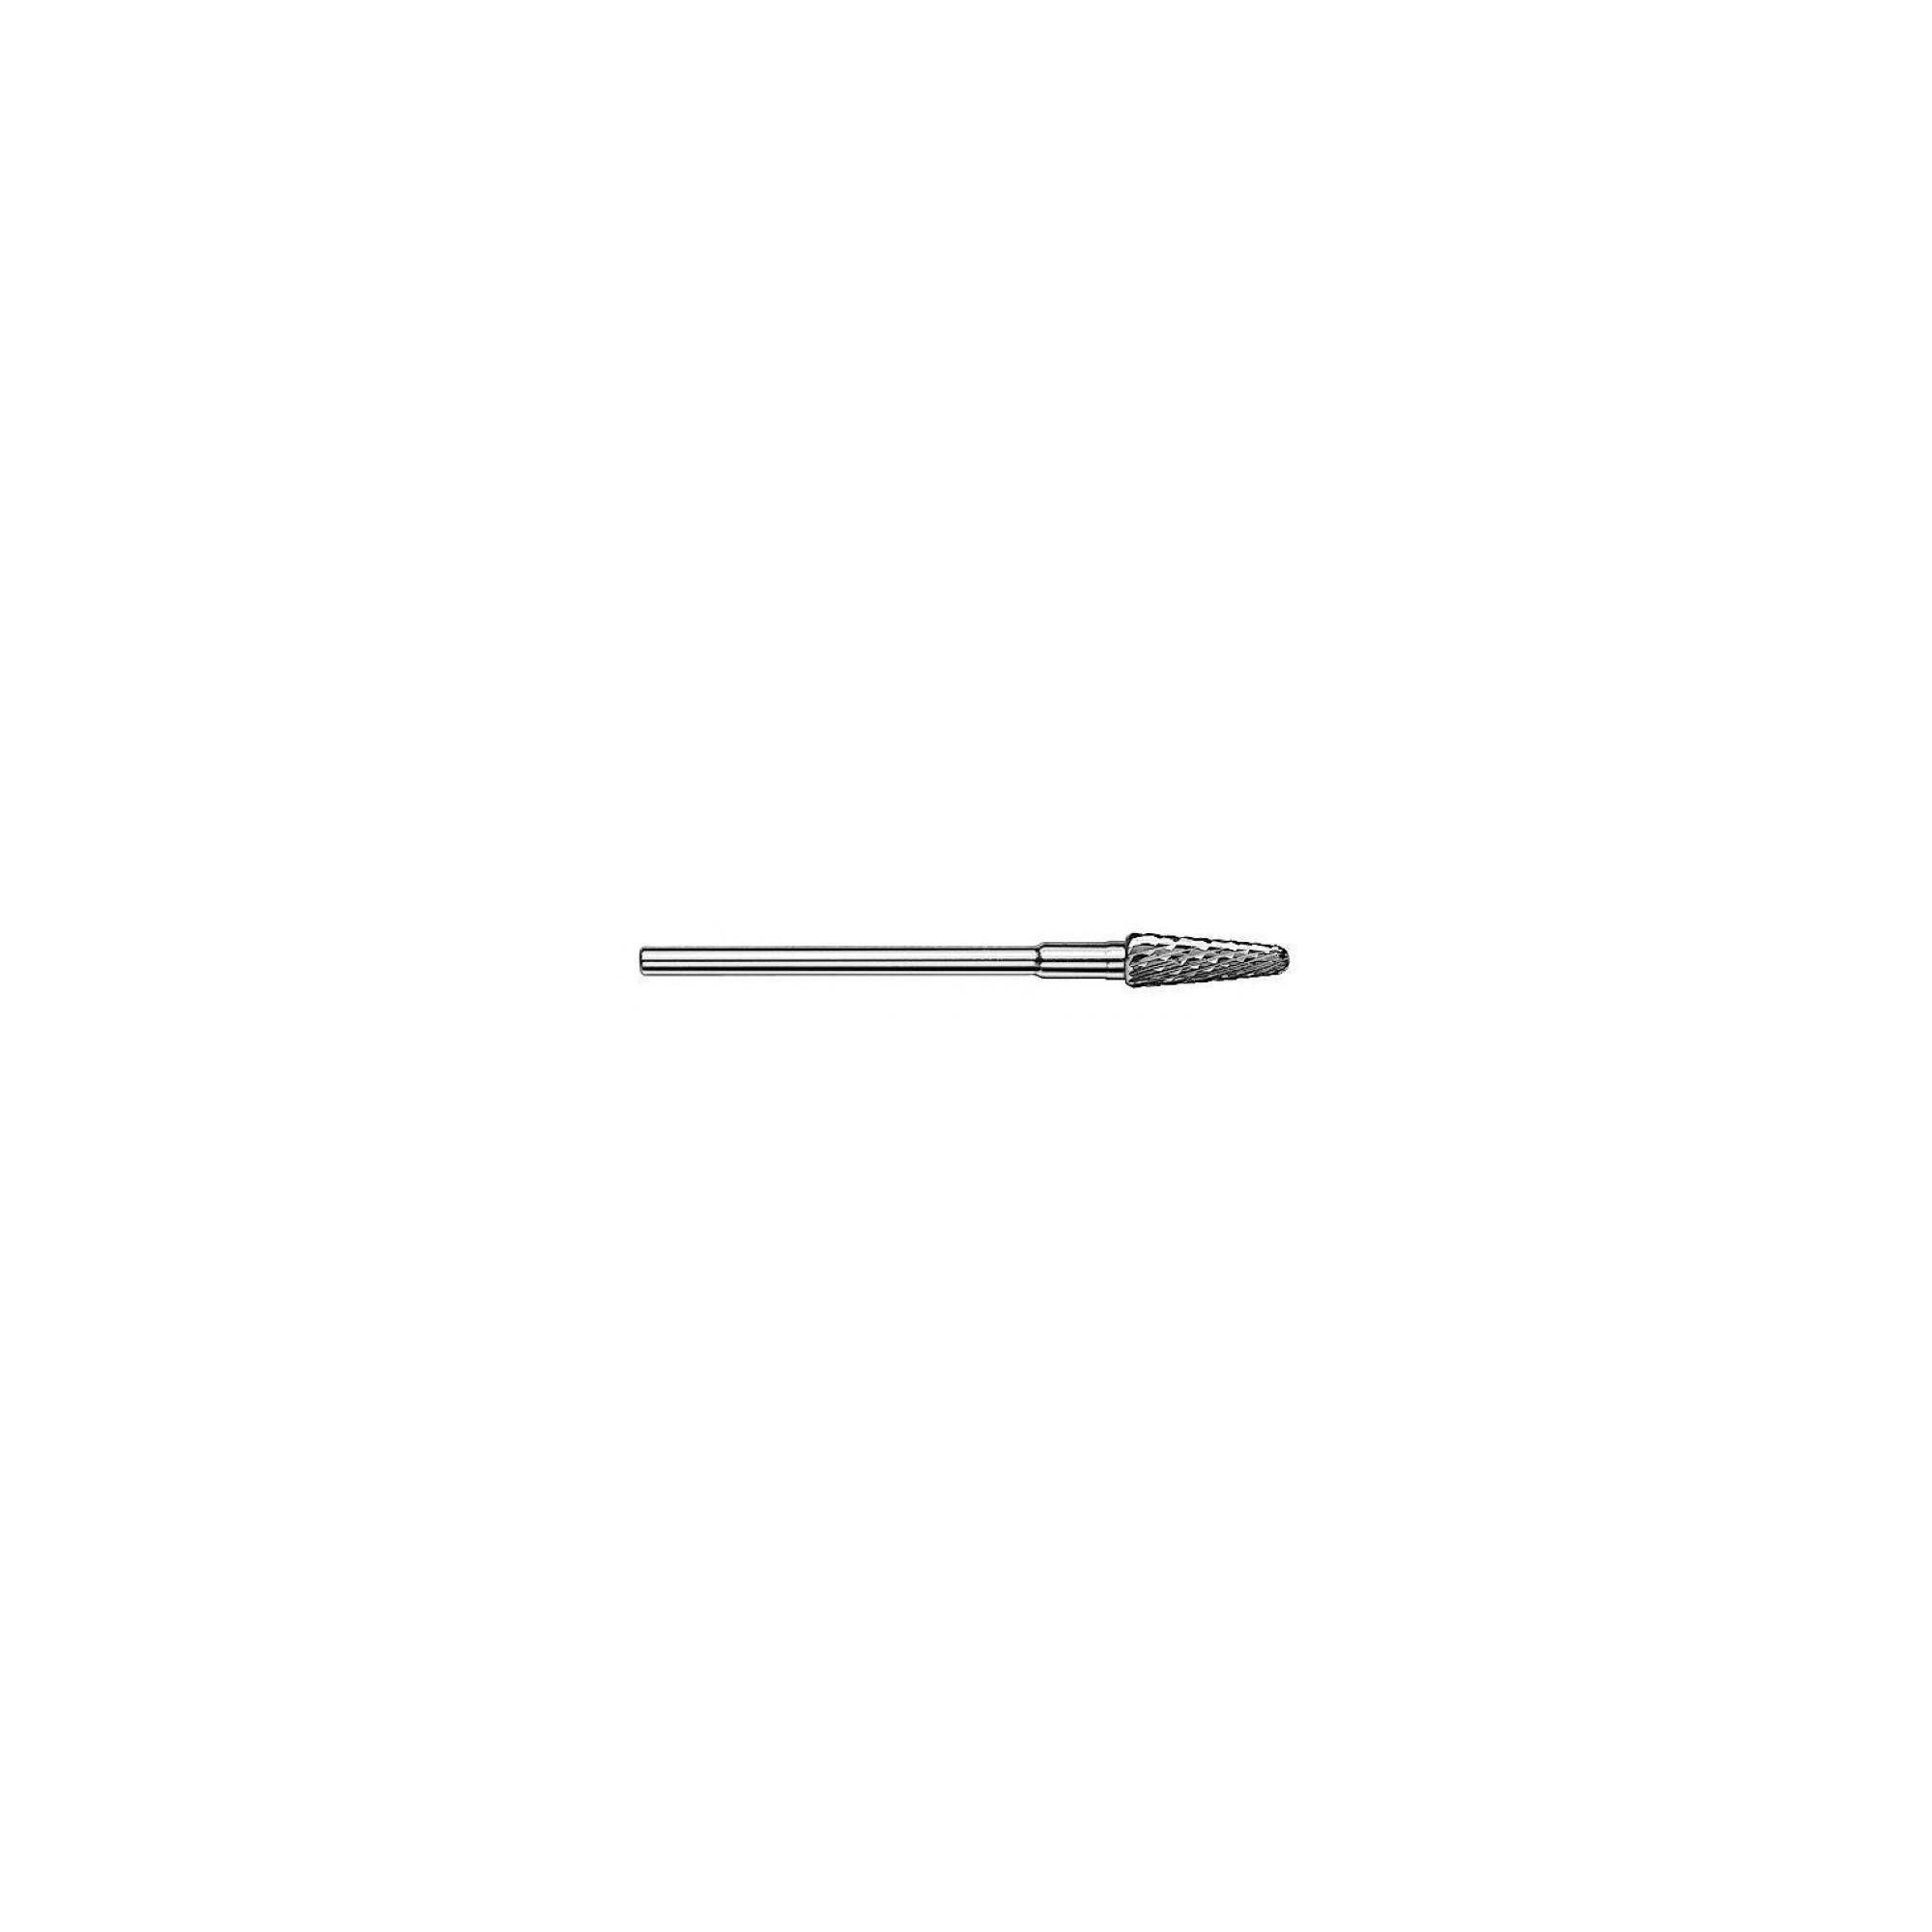 Fraise Busch Carbure de Tungstène - Spécial gaucher - Denture moyenne - Finition des surfaces des ongles avant polissage - ø4,5m